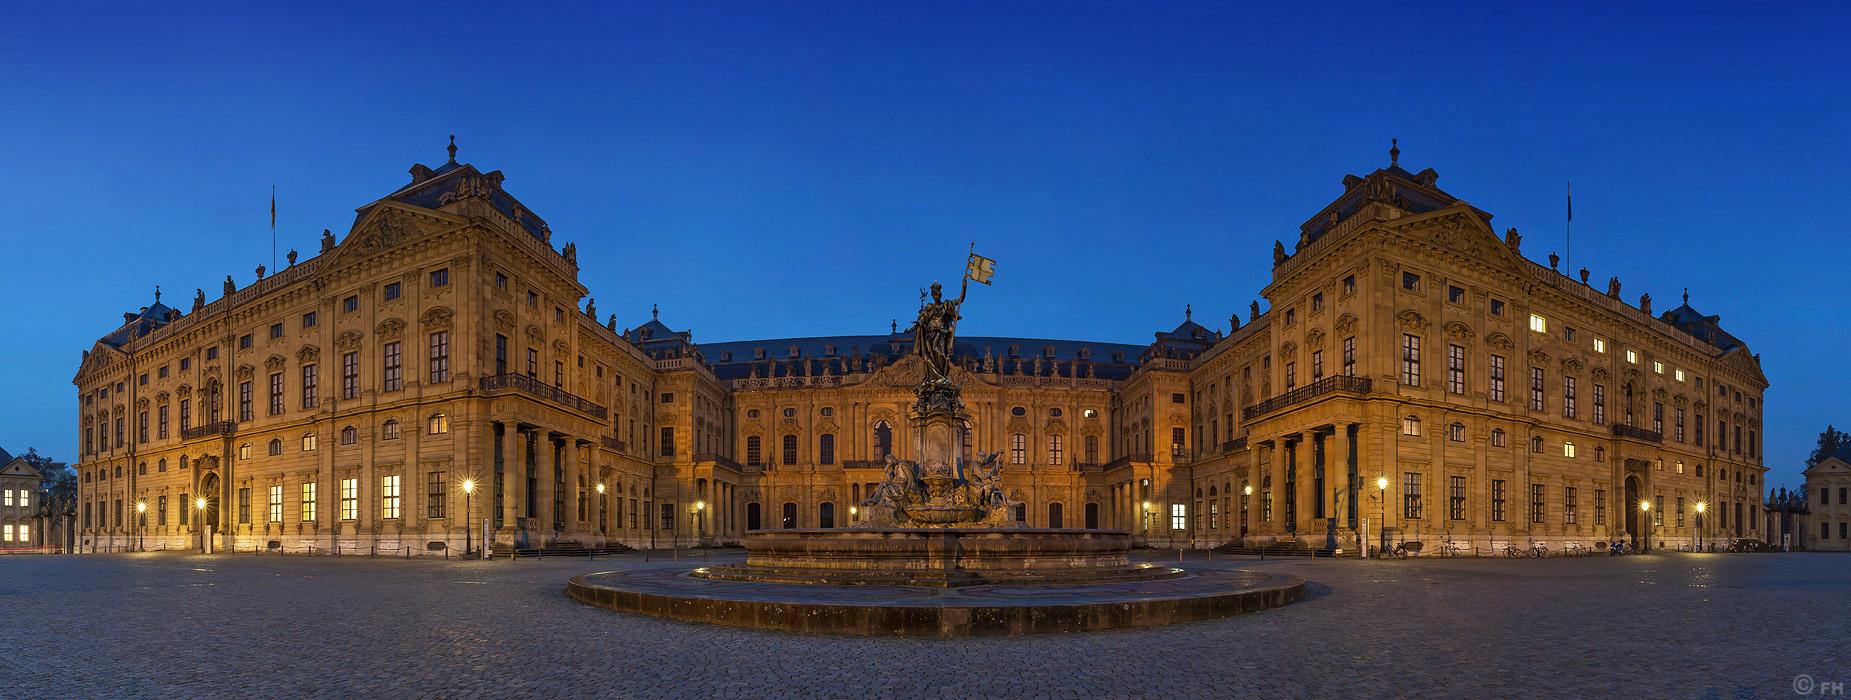 UNESCO_Wuerzburg_Residence_1_k